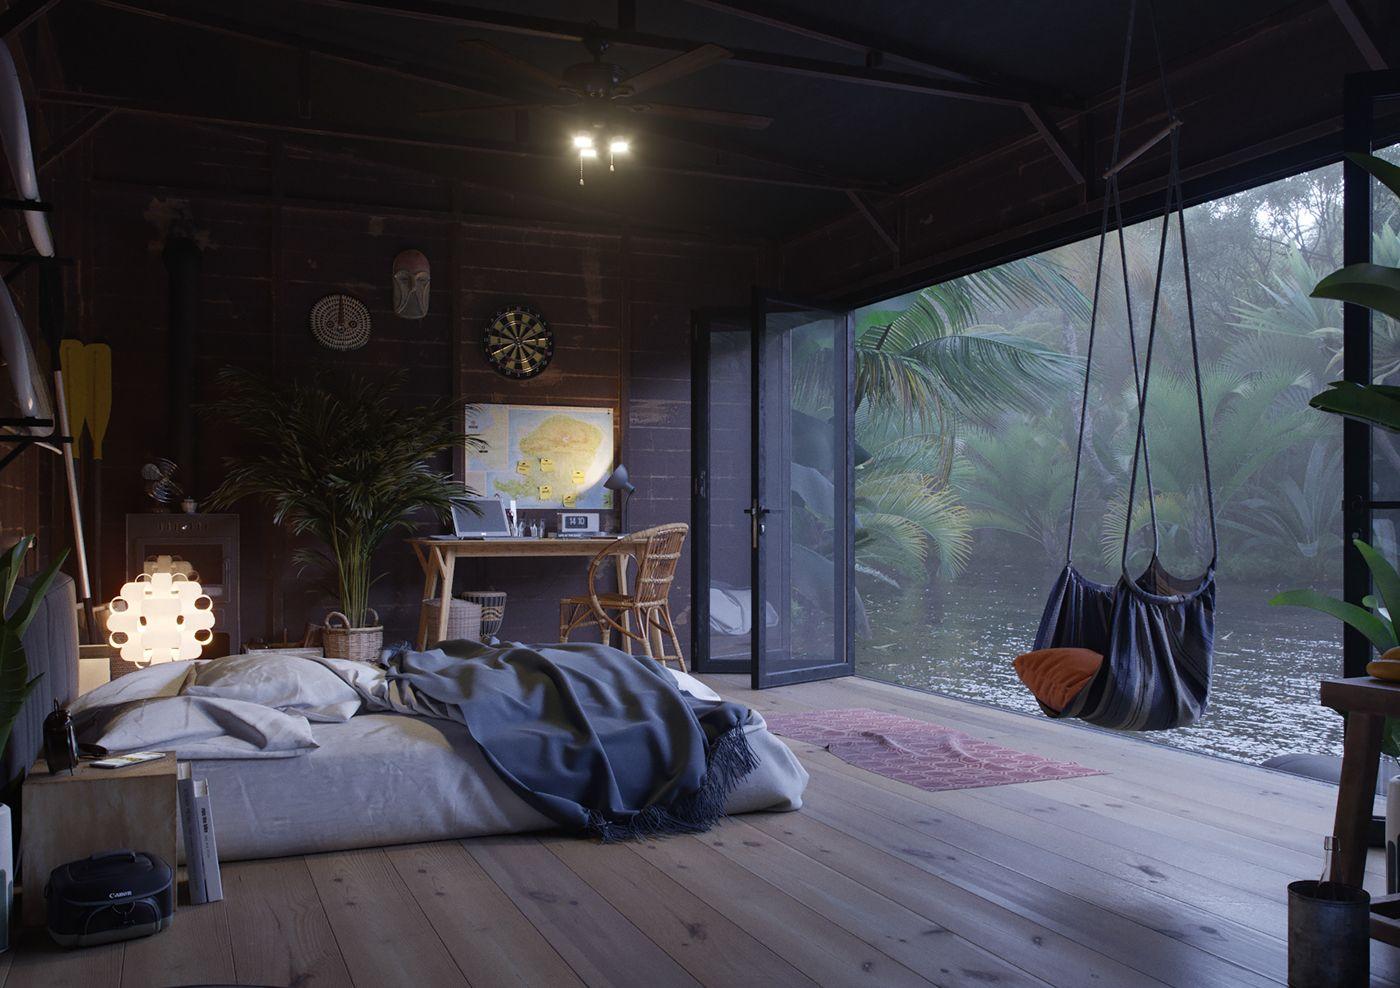 Une petite maison sur l'eau  PLANETE DECO a homes world is part of Cozy bedroom - Une petite maison sur l'eau Dmitri Reviakin est un designer et un artiste 3D, qui a imaginé cette petite maison en bois sur l'eau, sur une petite île d'Indonésie, appelée Lombok  On y arrive par bateau, et on est entouré par la jungle, les animaux, dans un paysage de début du monde, à la fois loin de la civilisation, et en même temps totalement immergé dans la modernité de cette construction